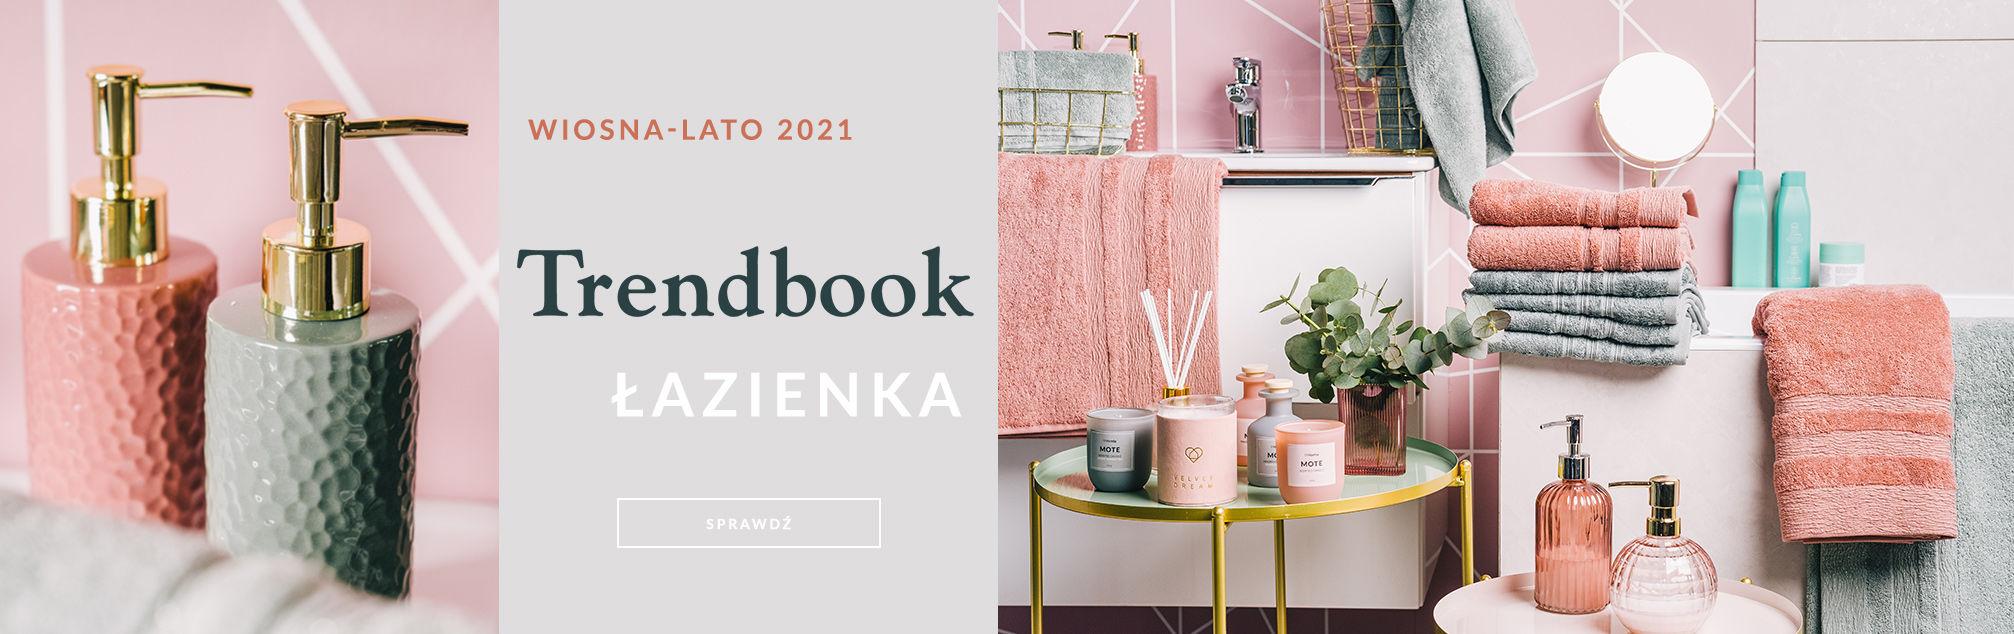 Trendbook Łazienka 2021